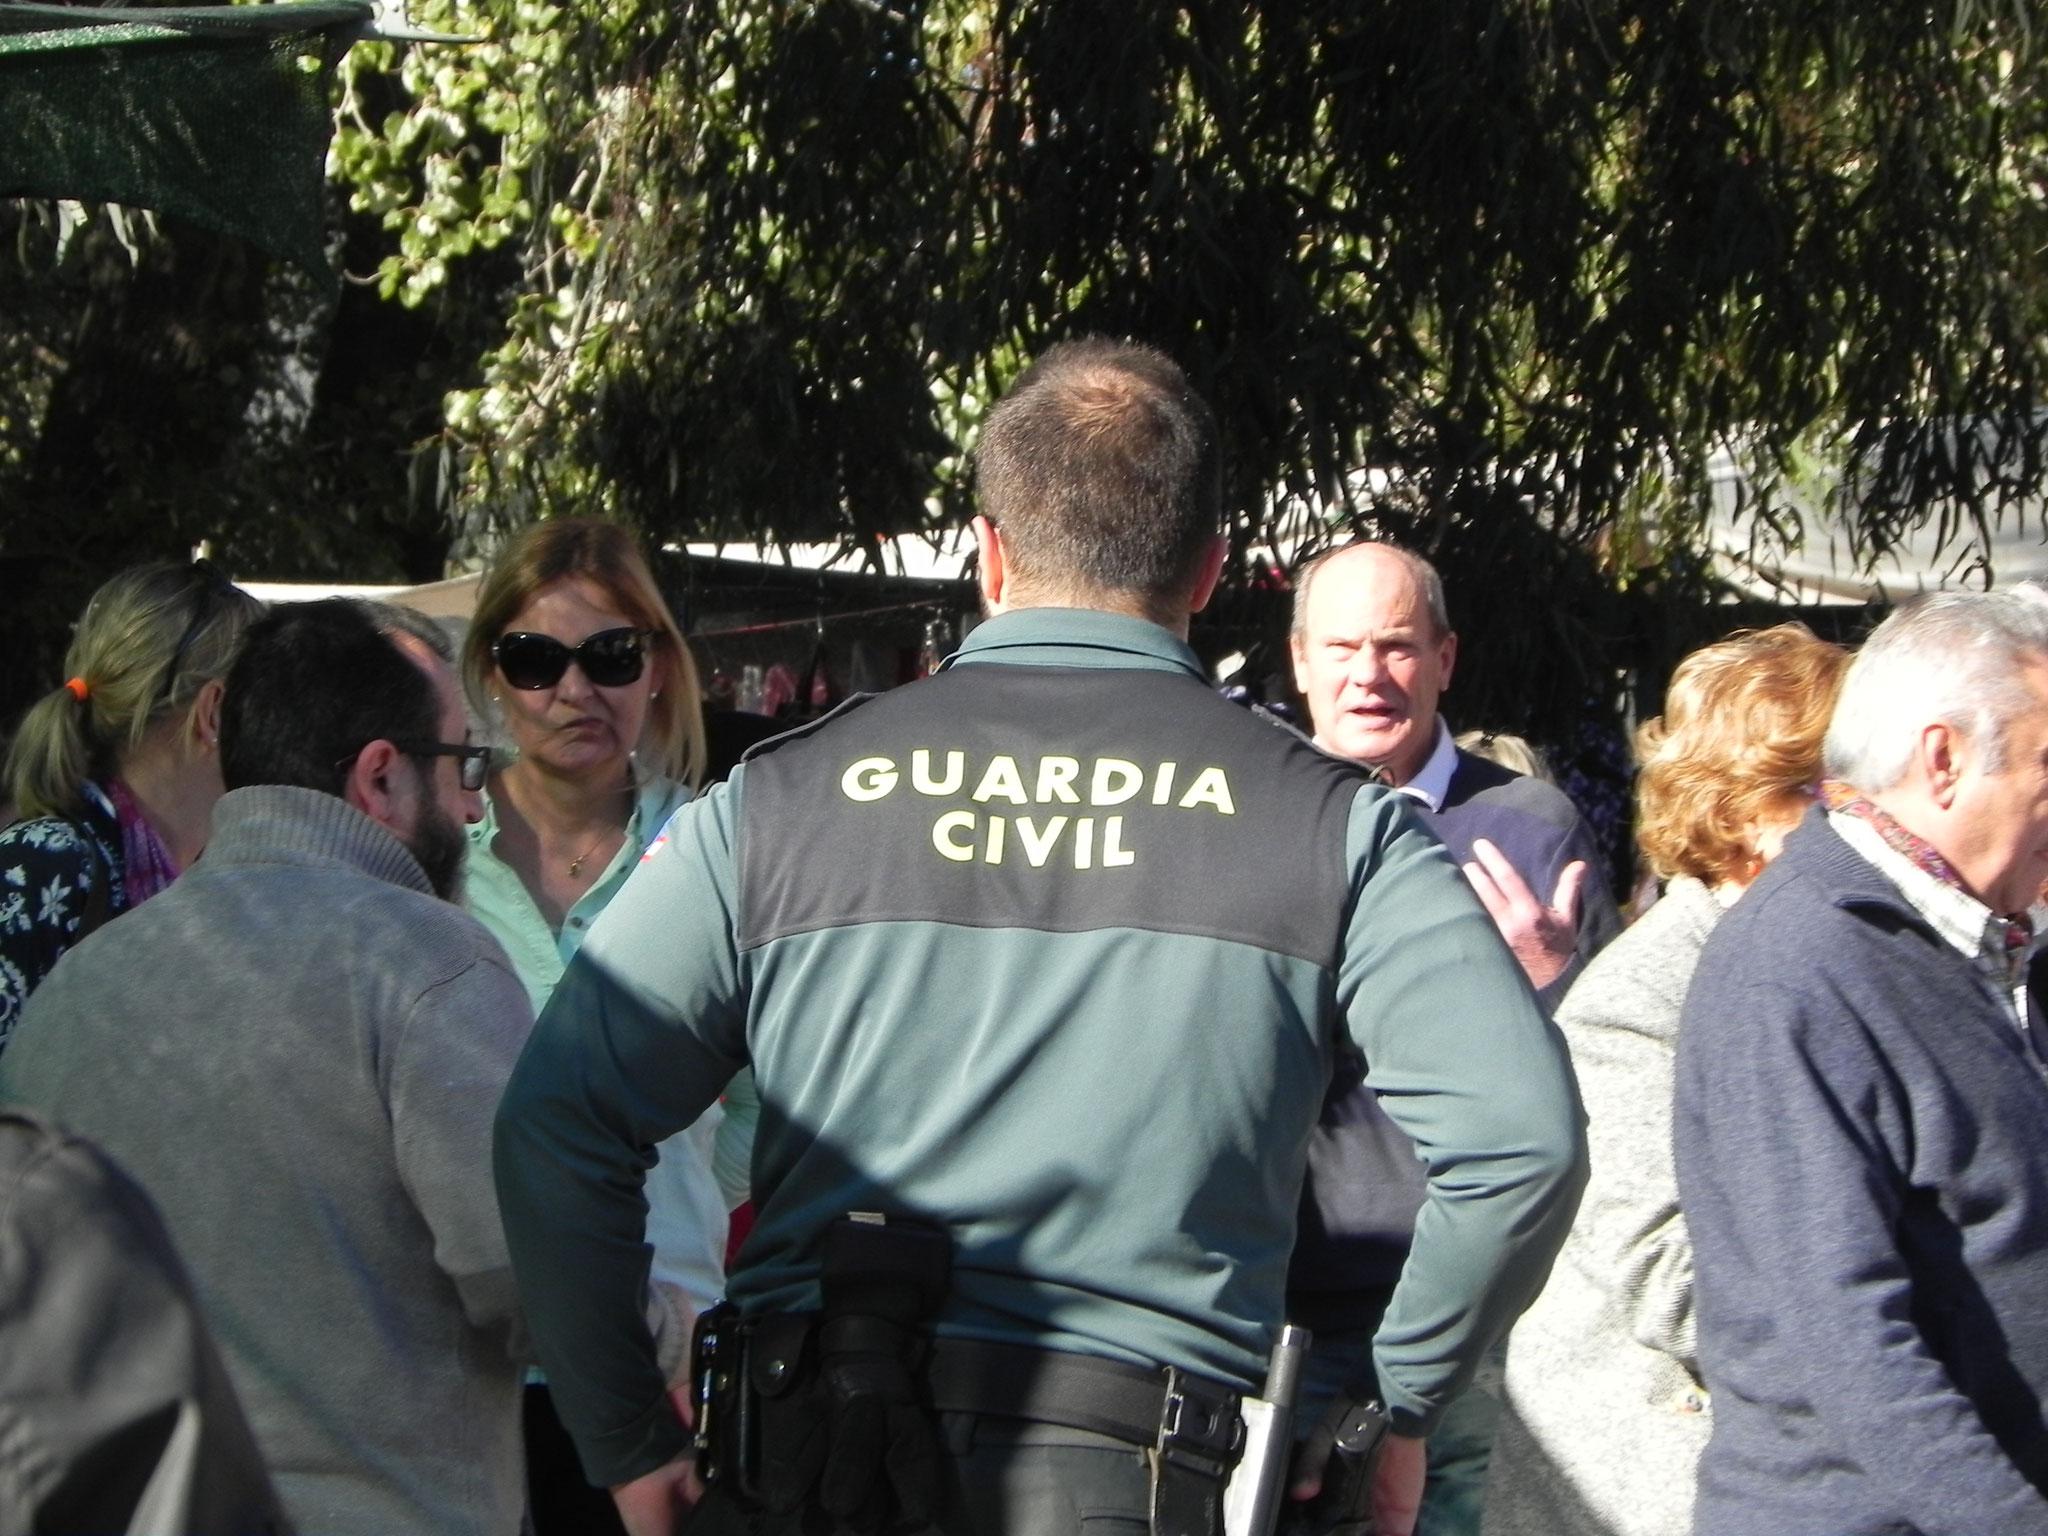 Die Guardia Civil passt auf